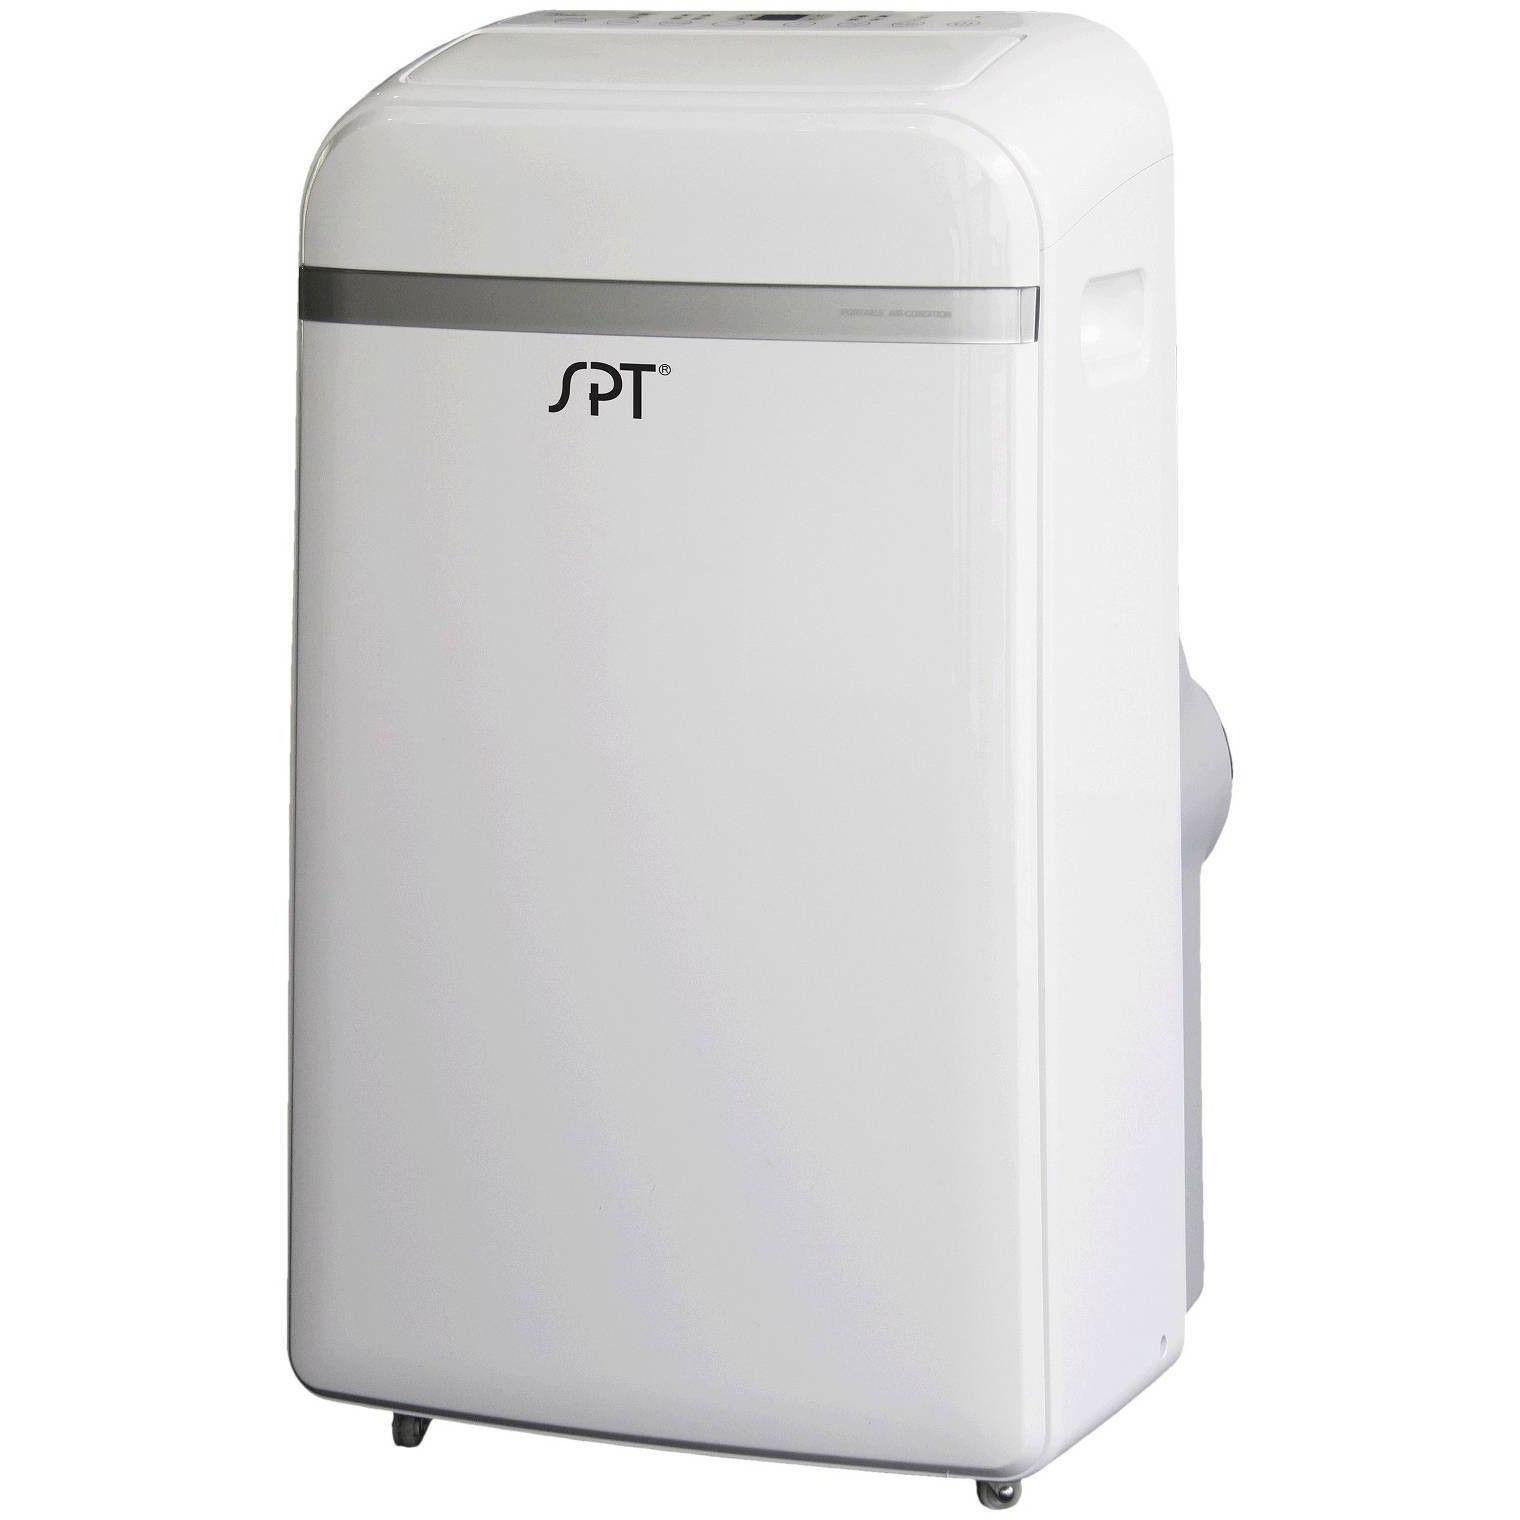 spt wa 1420e portable air conditioner 14000 btu products